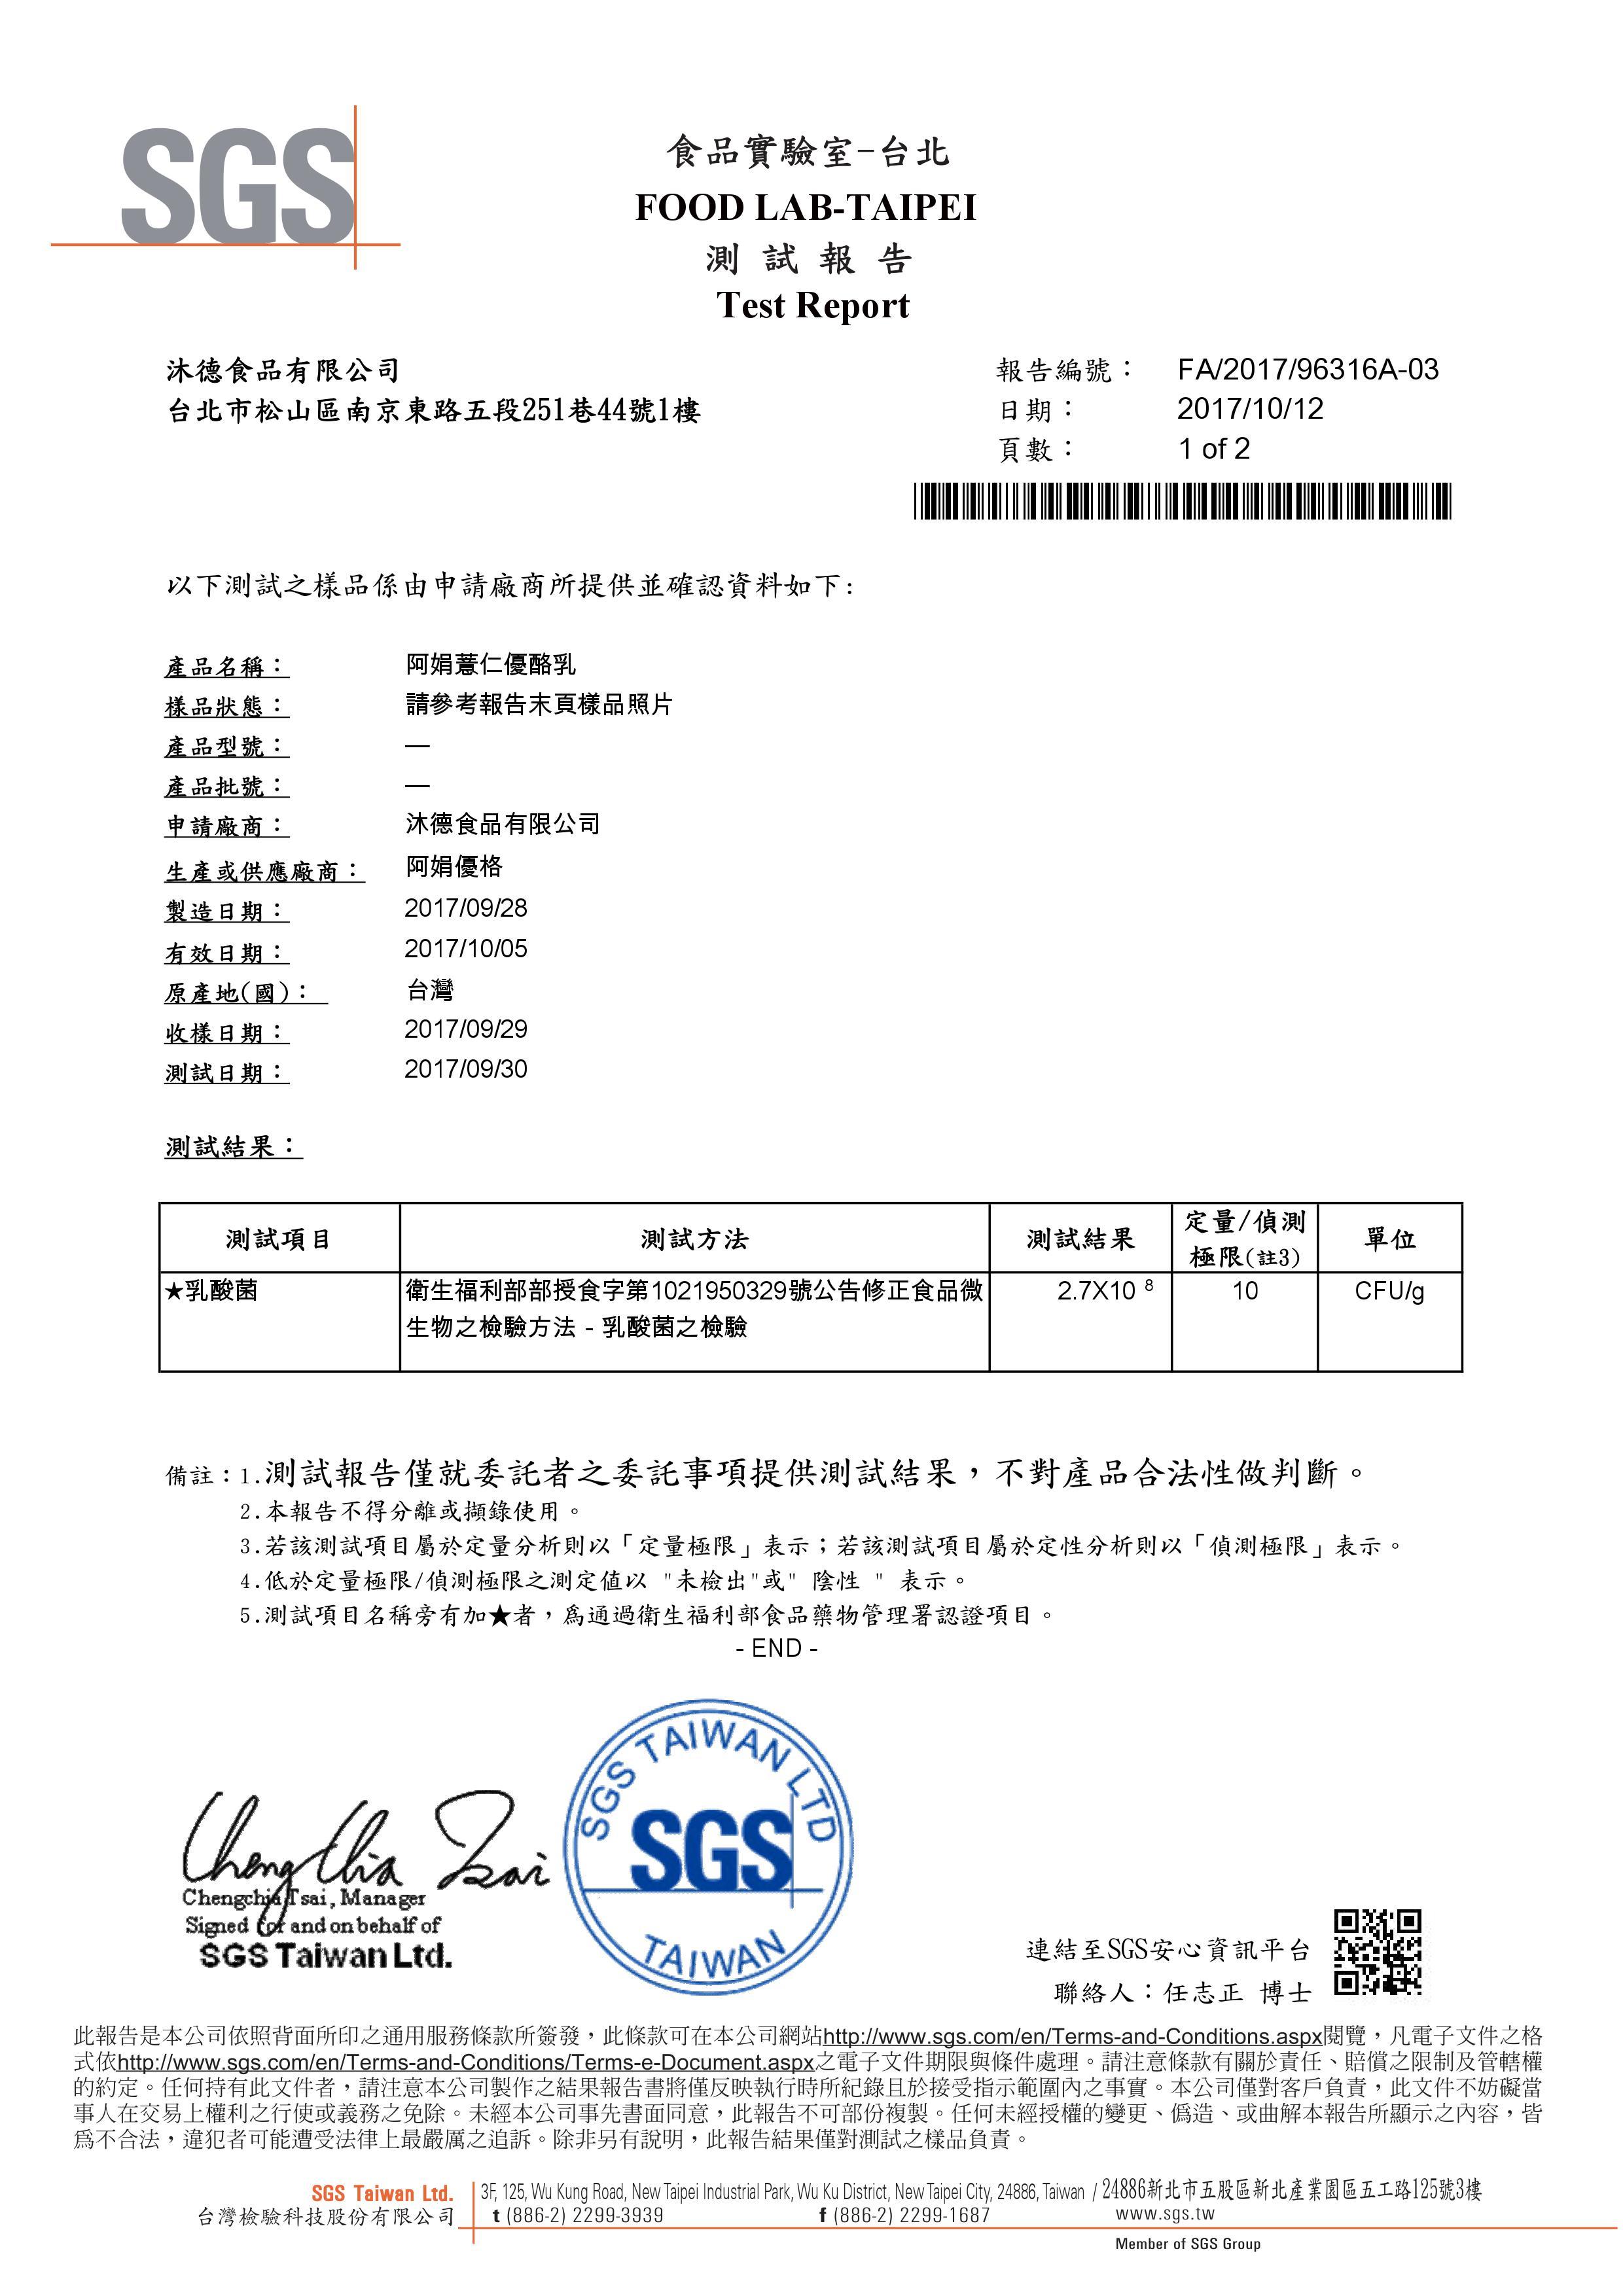 2017乳酸藝人.jpg